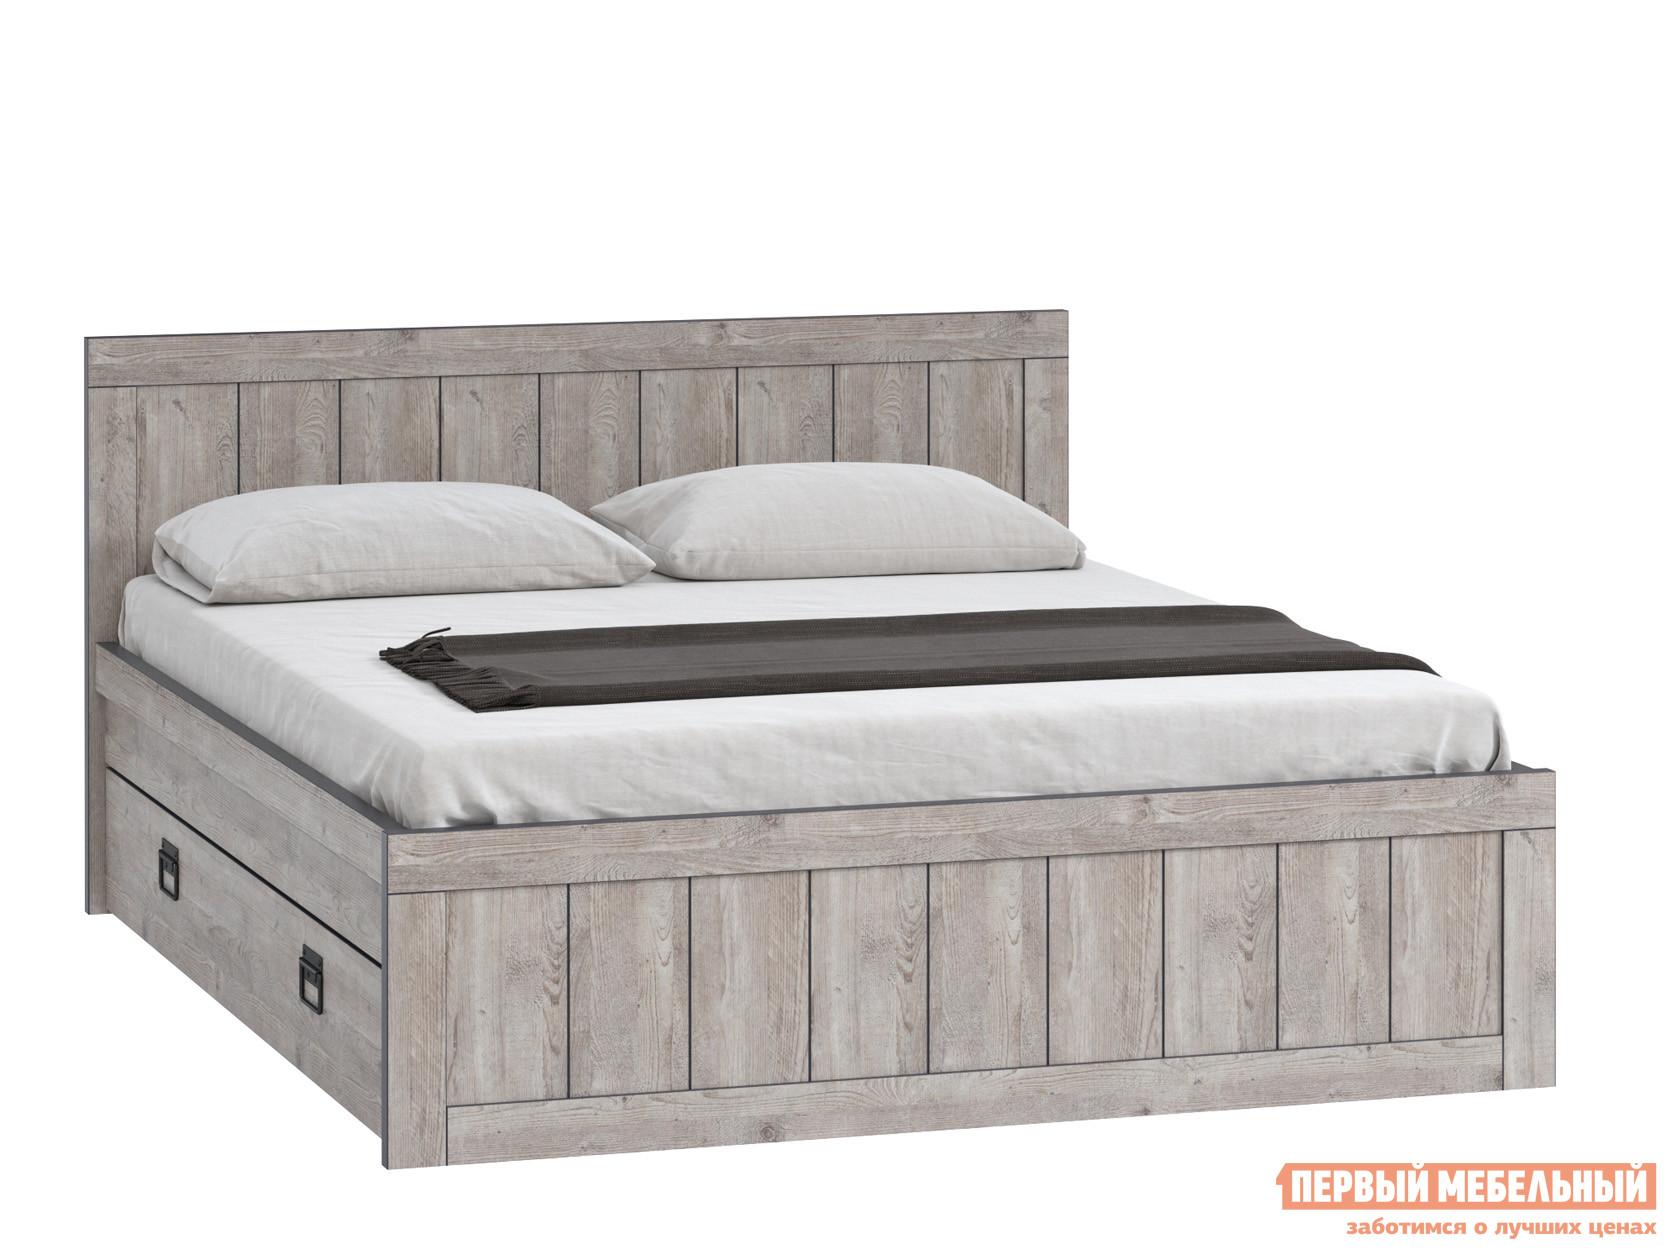 Кровать WOODCRAFT Эссен Кровать №3 с ящиками